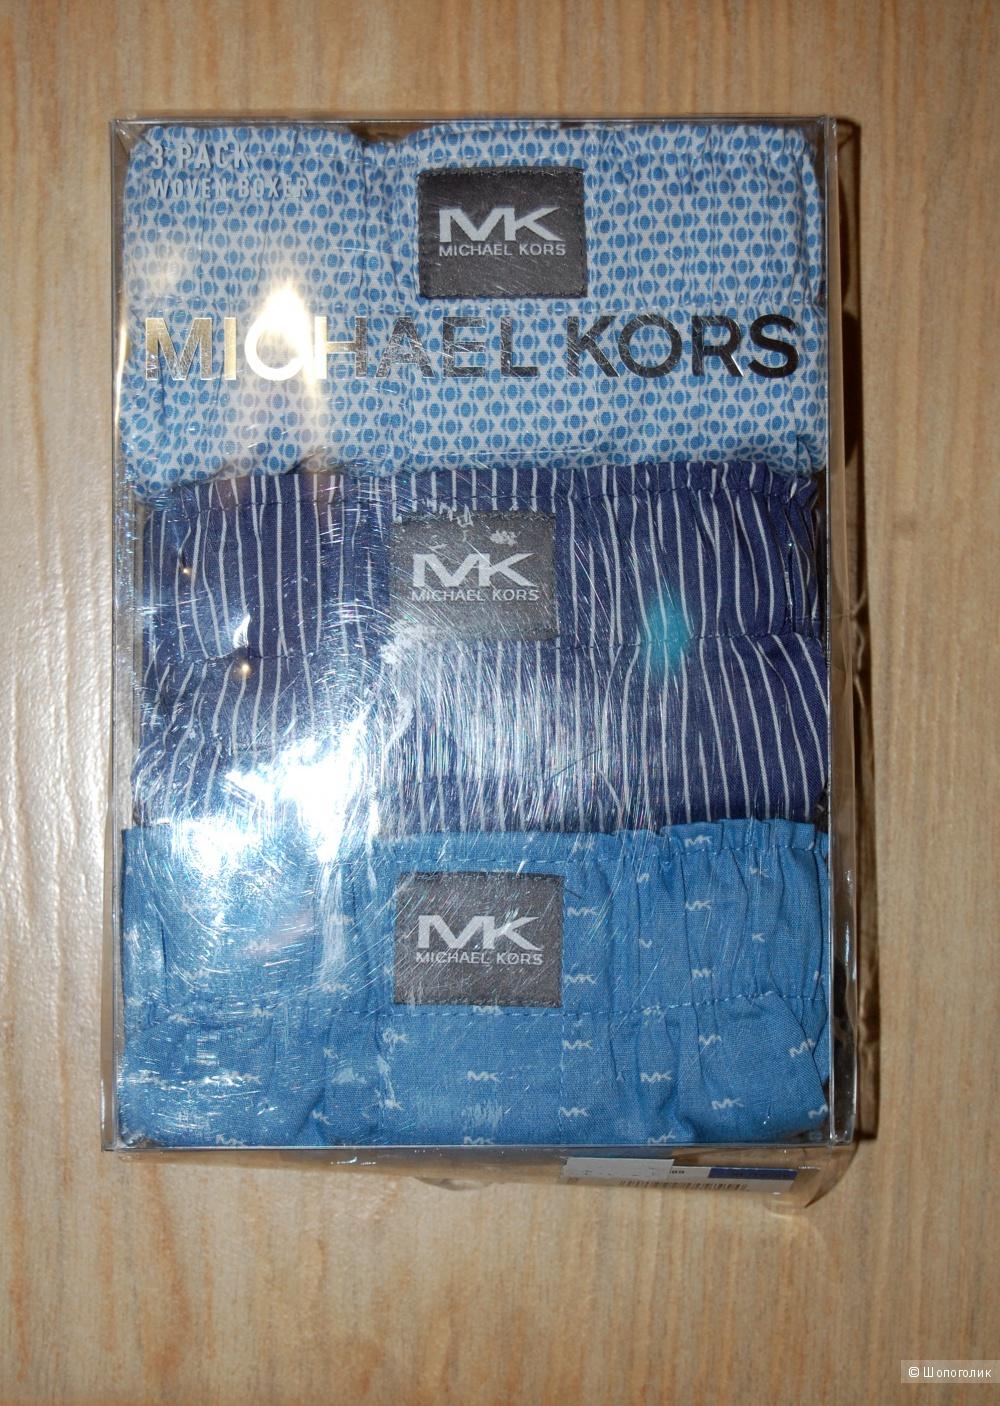 Трусы Боксеры Michael Kors разм XL 3 шт в упаковке